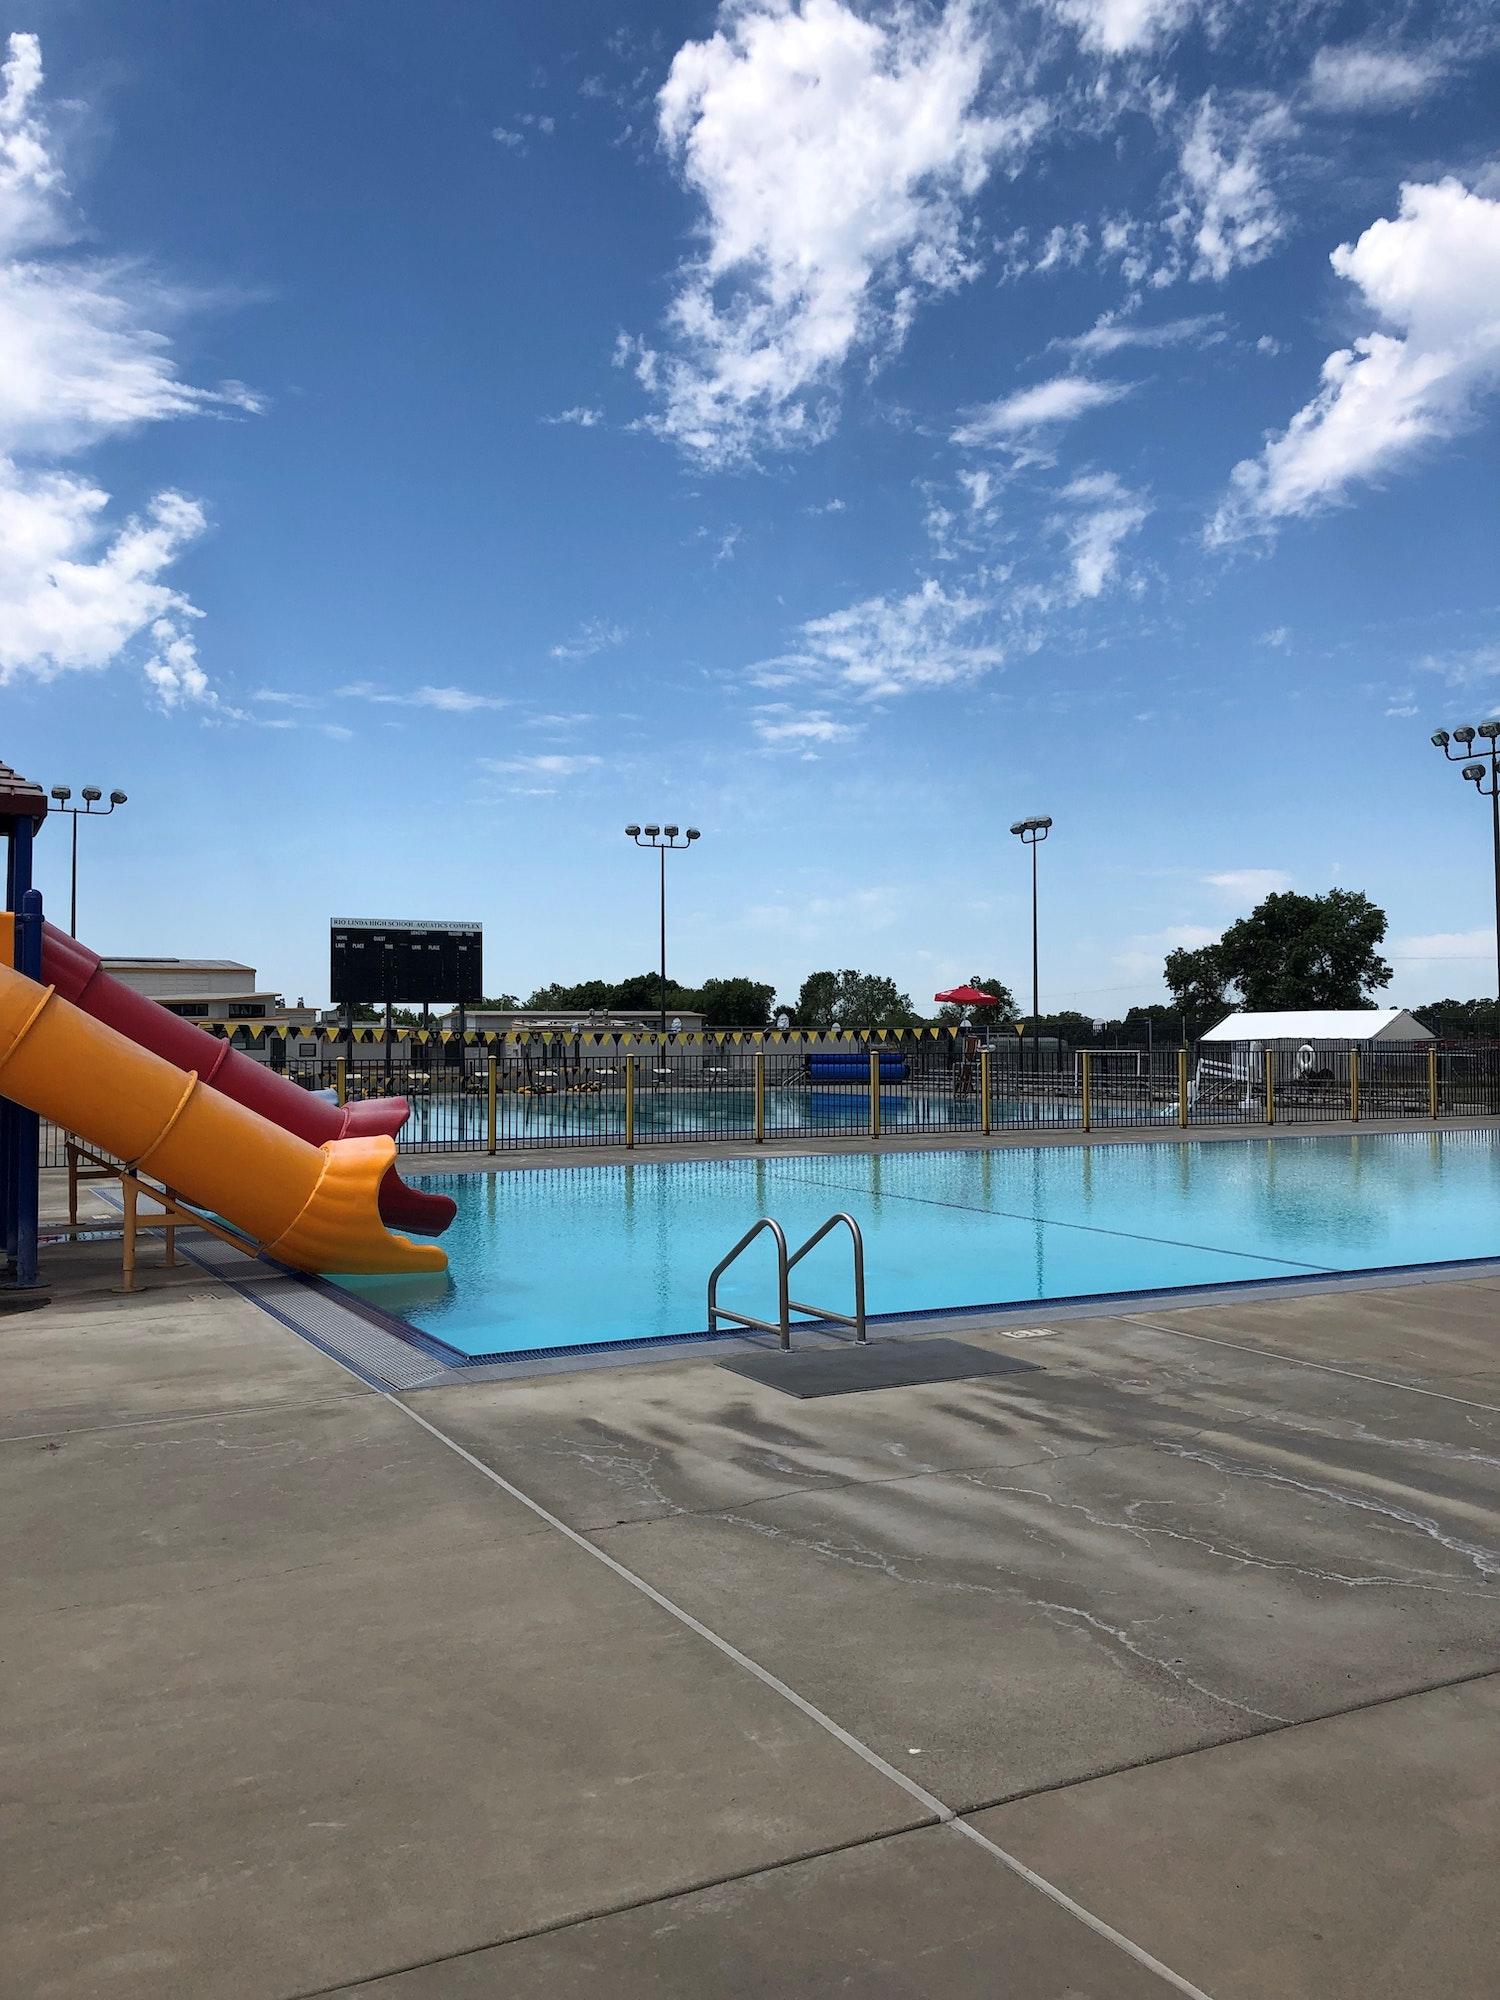 RLHS Pool